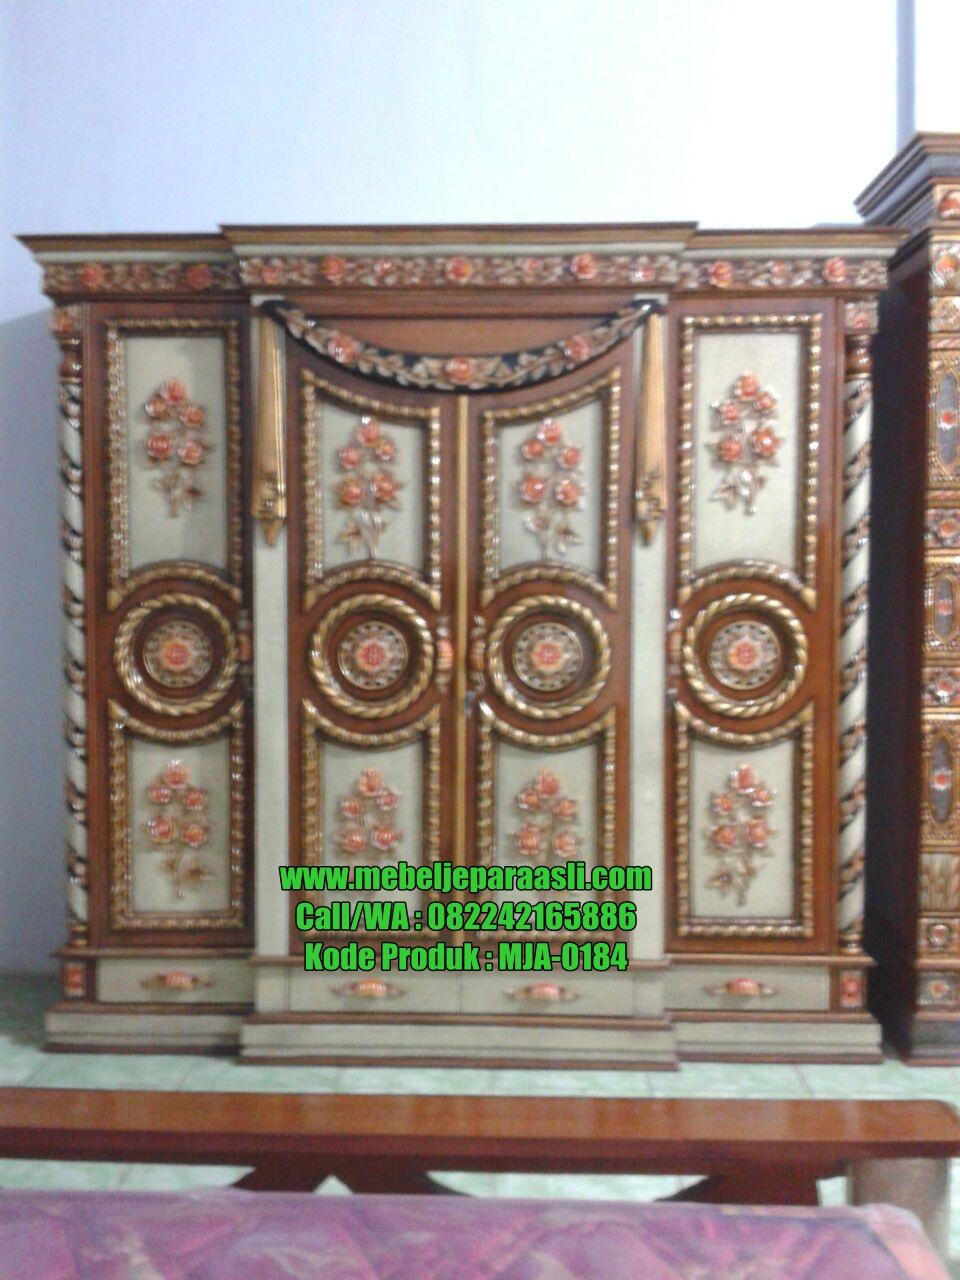 Lemari Pakaian Sendang Mawar-MJA-0184-Mebel Jepara Asli